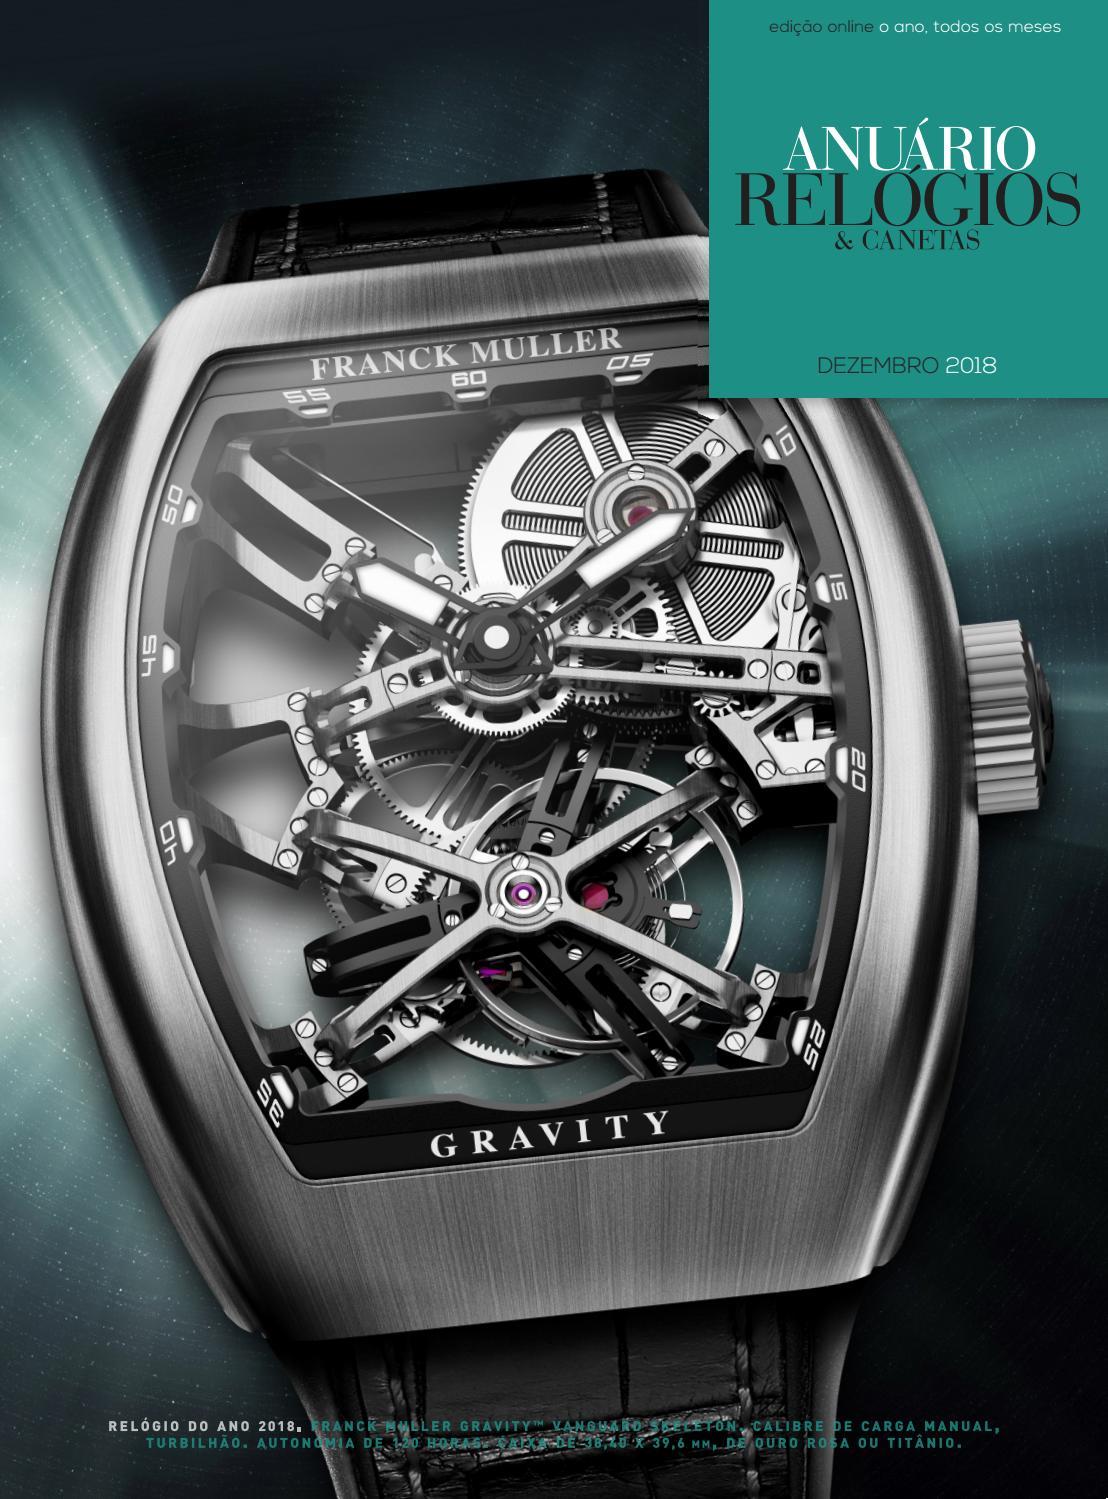 1c89d6d1123 Anuário Relógios   Canetas - Dezembro 2018 by Anuário Relógios   Canetas -  issuu